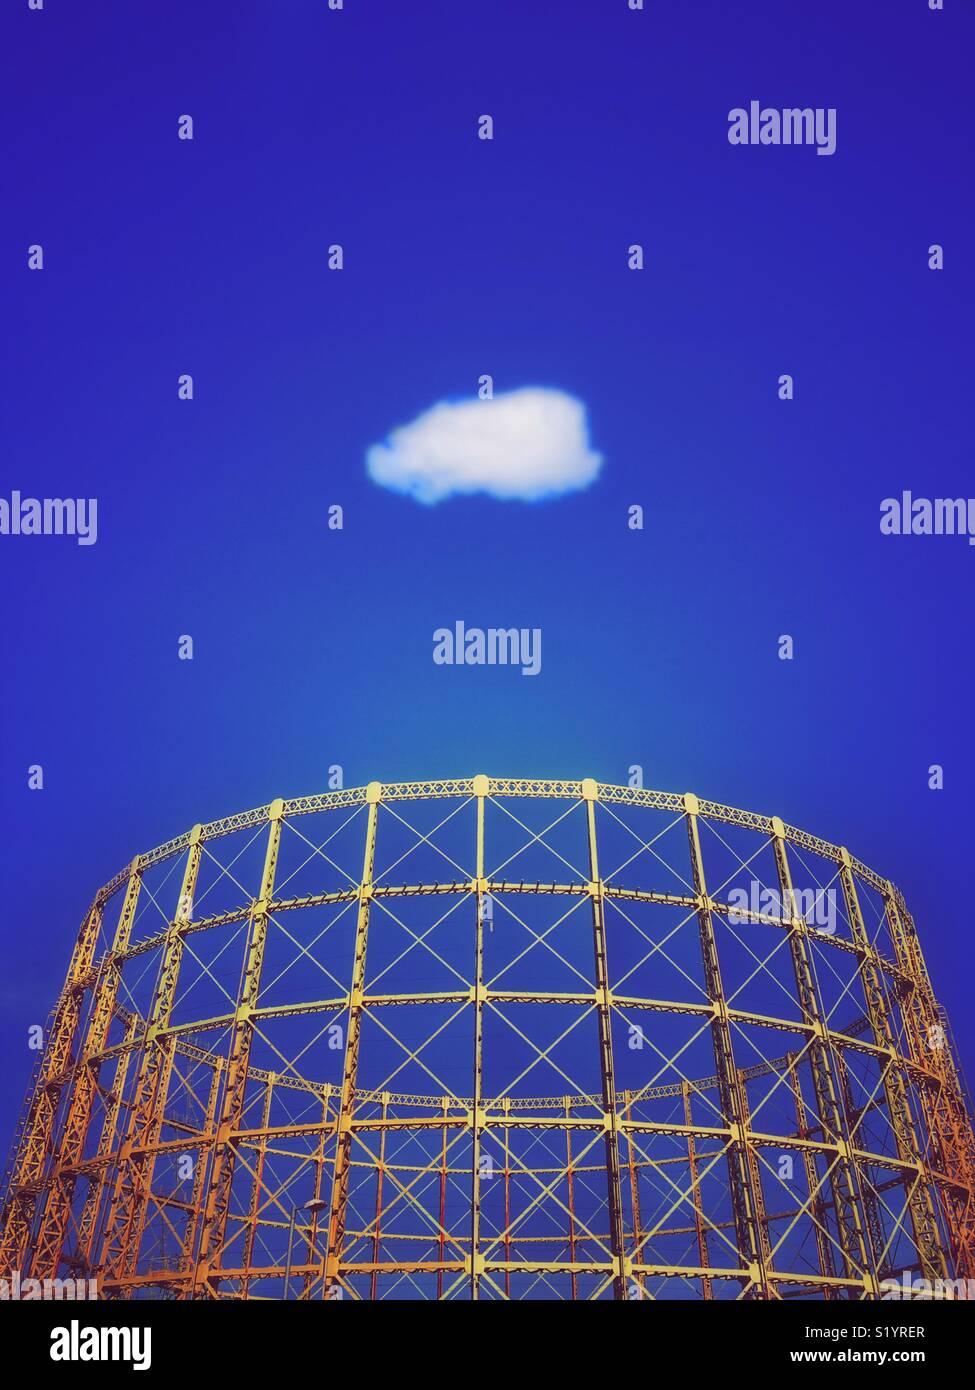 Gasometer Struktur gegen einen strahlend blauen Himmel mit einsamen weißen Wolke Stockbild